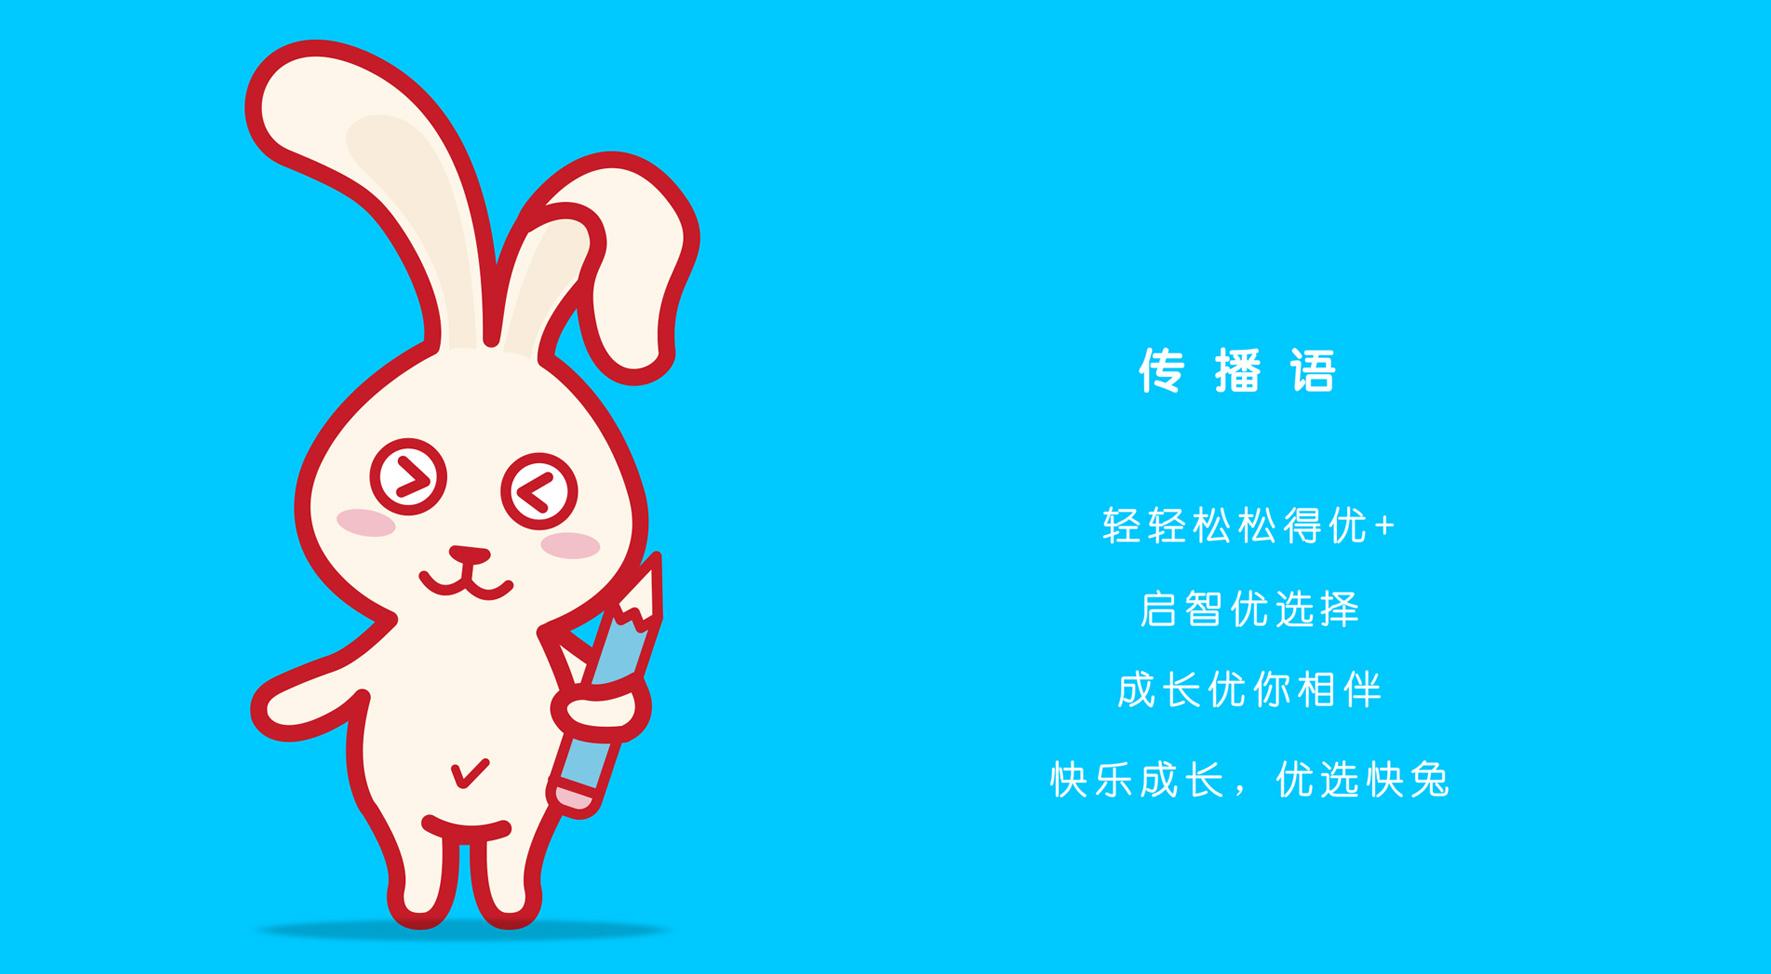 6(快兔优选)